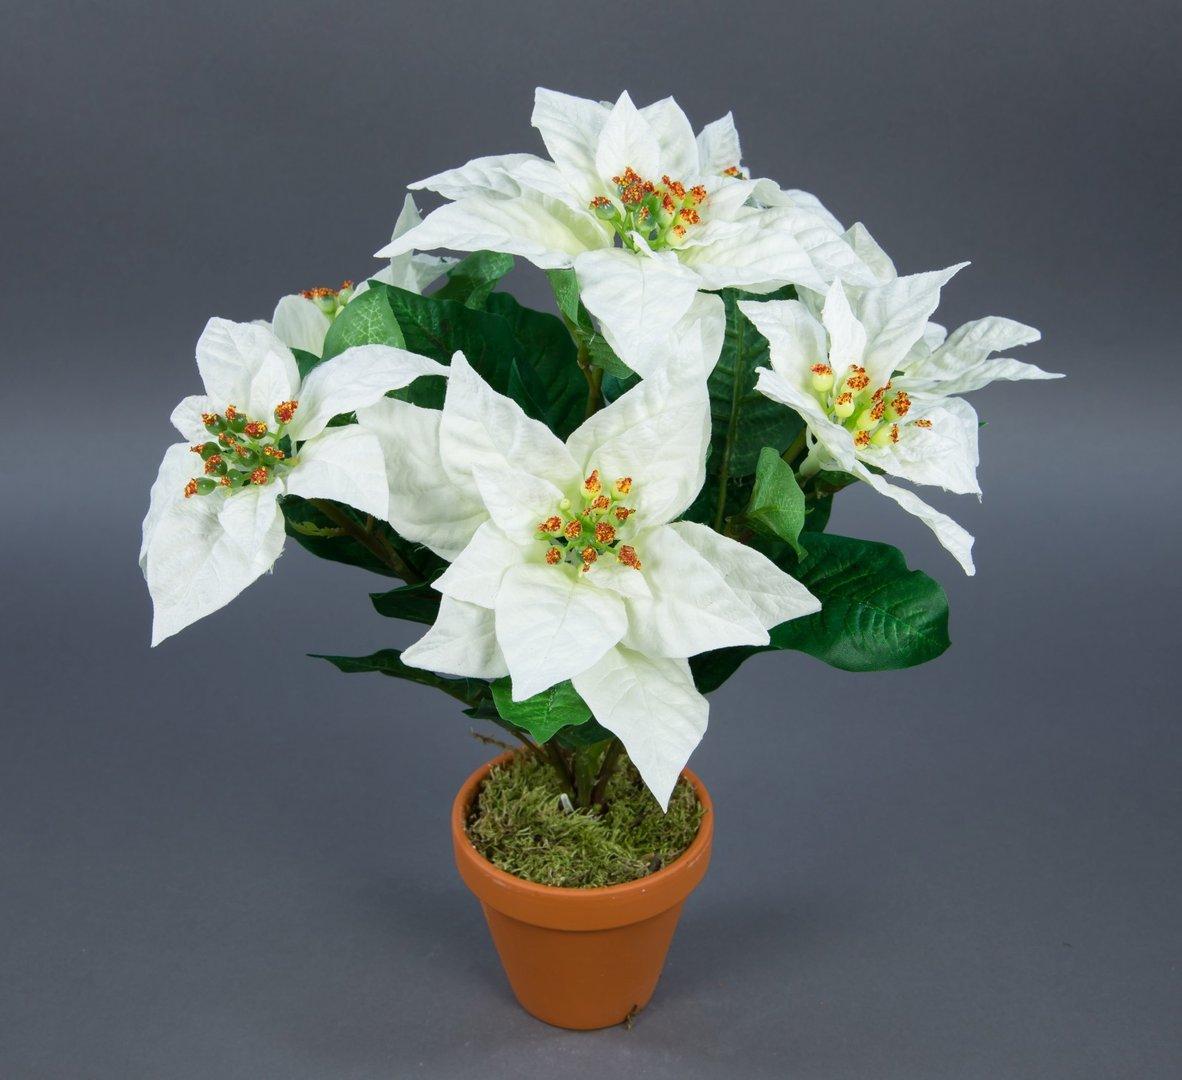 weihnachtsstern 42cm wei im topf ar k nstliche pflanze blumen kunstpflanzen kunstblumen. Black Bedroom Furniture Sets. Home Design Ideas